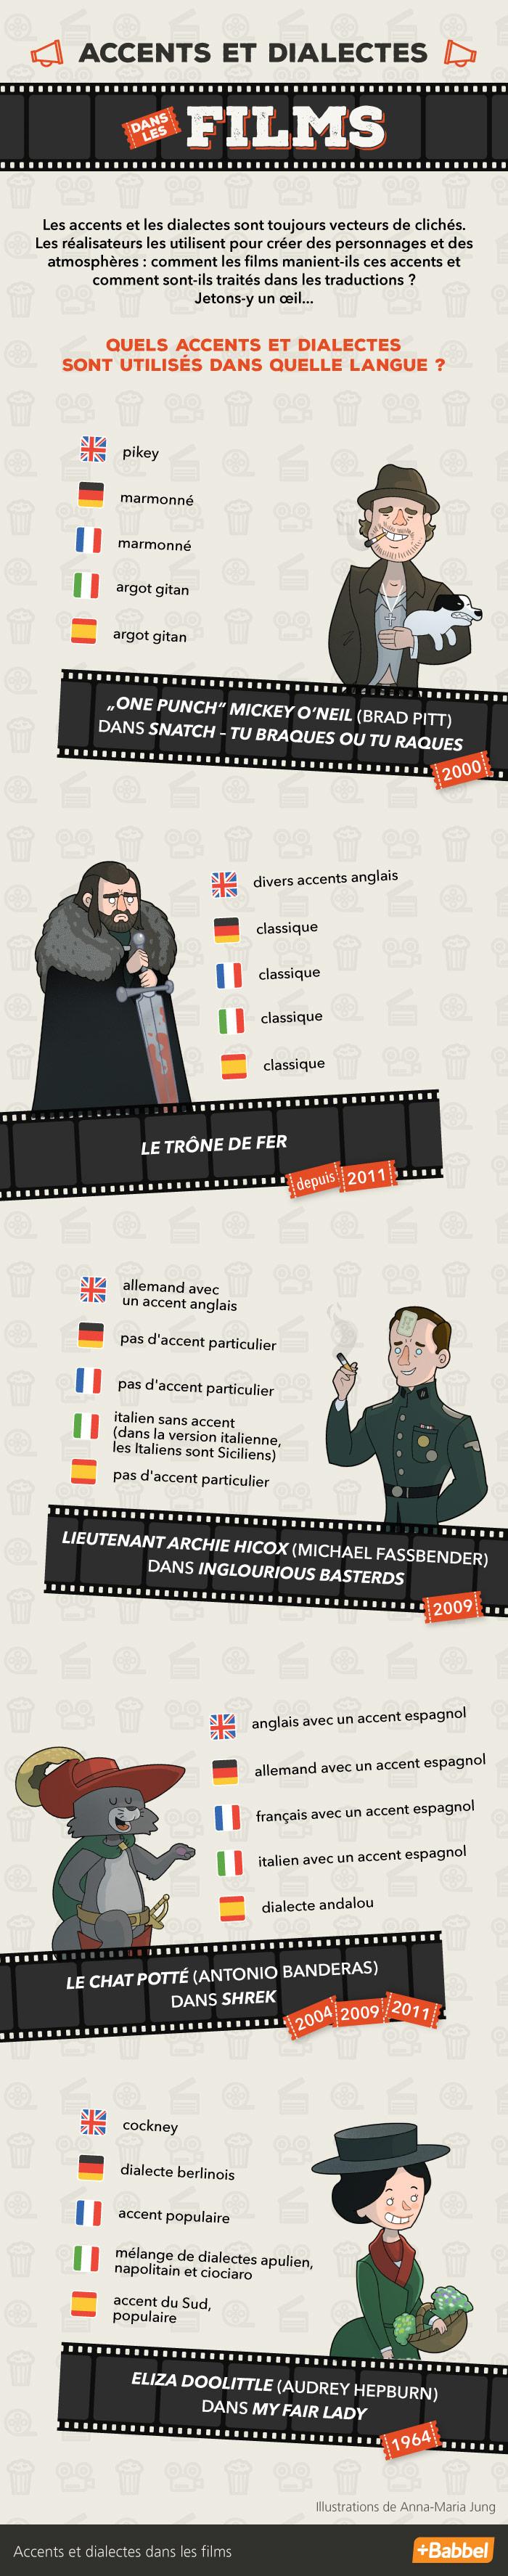 Version originale vs. version doublée : dialectes et accents au cinéma